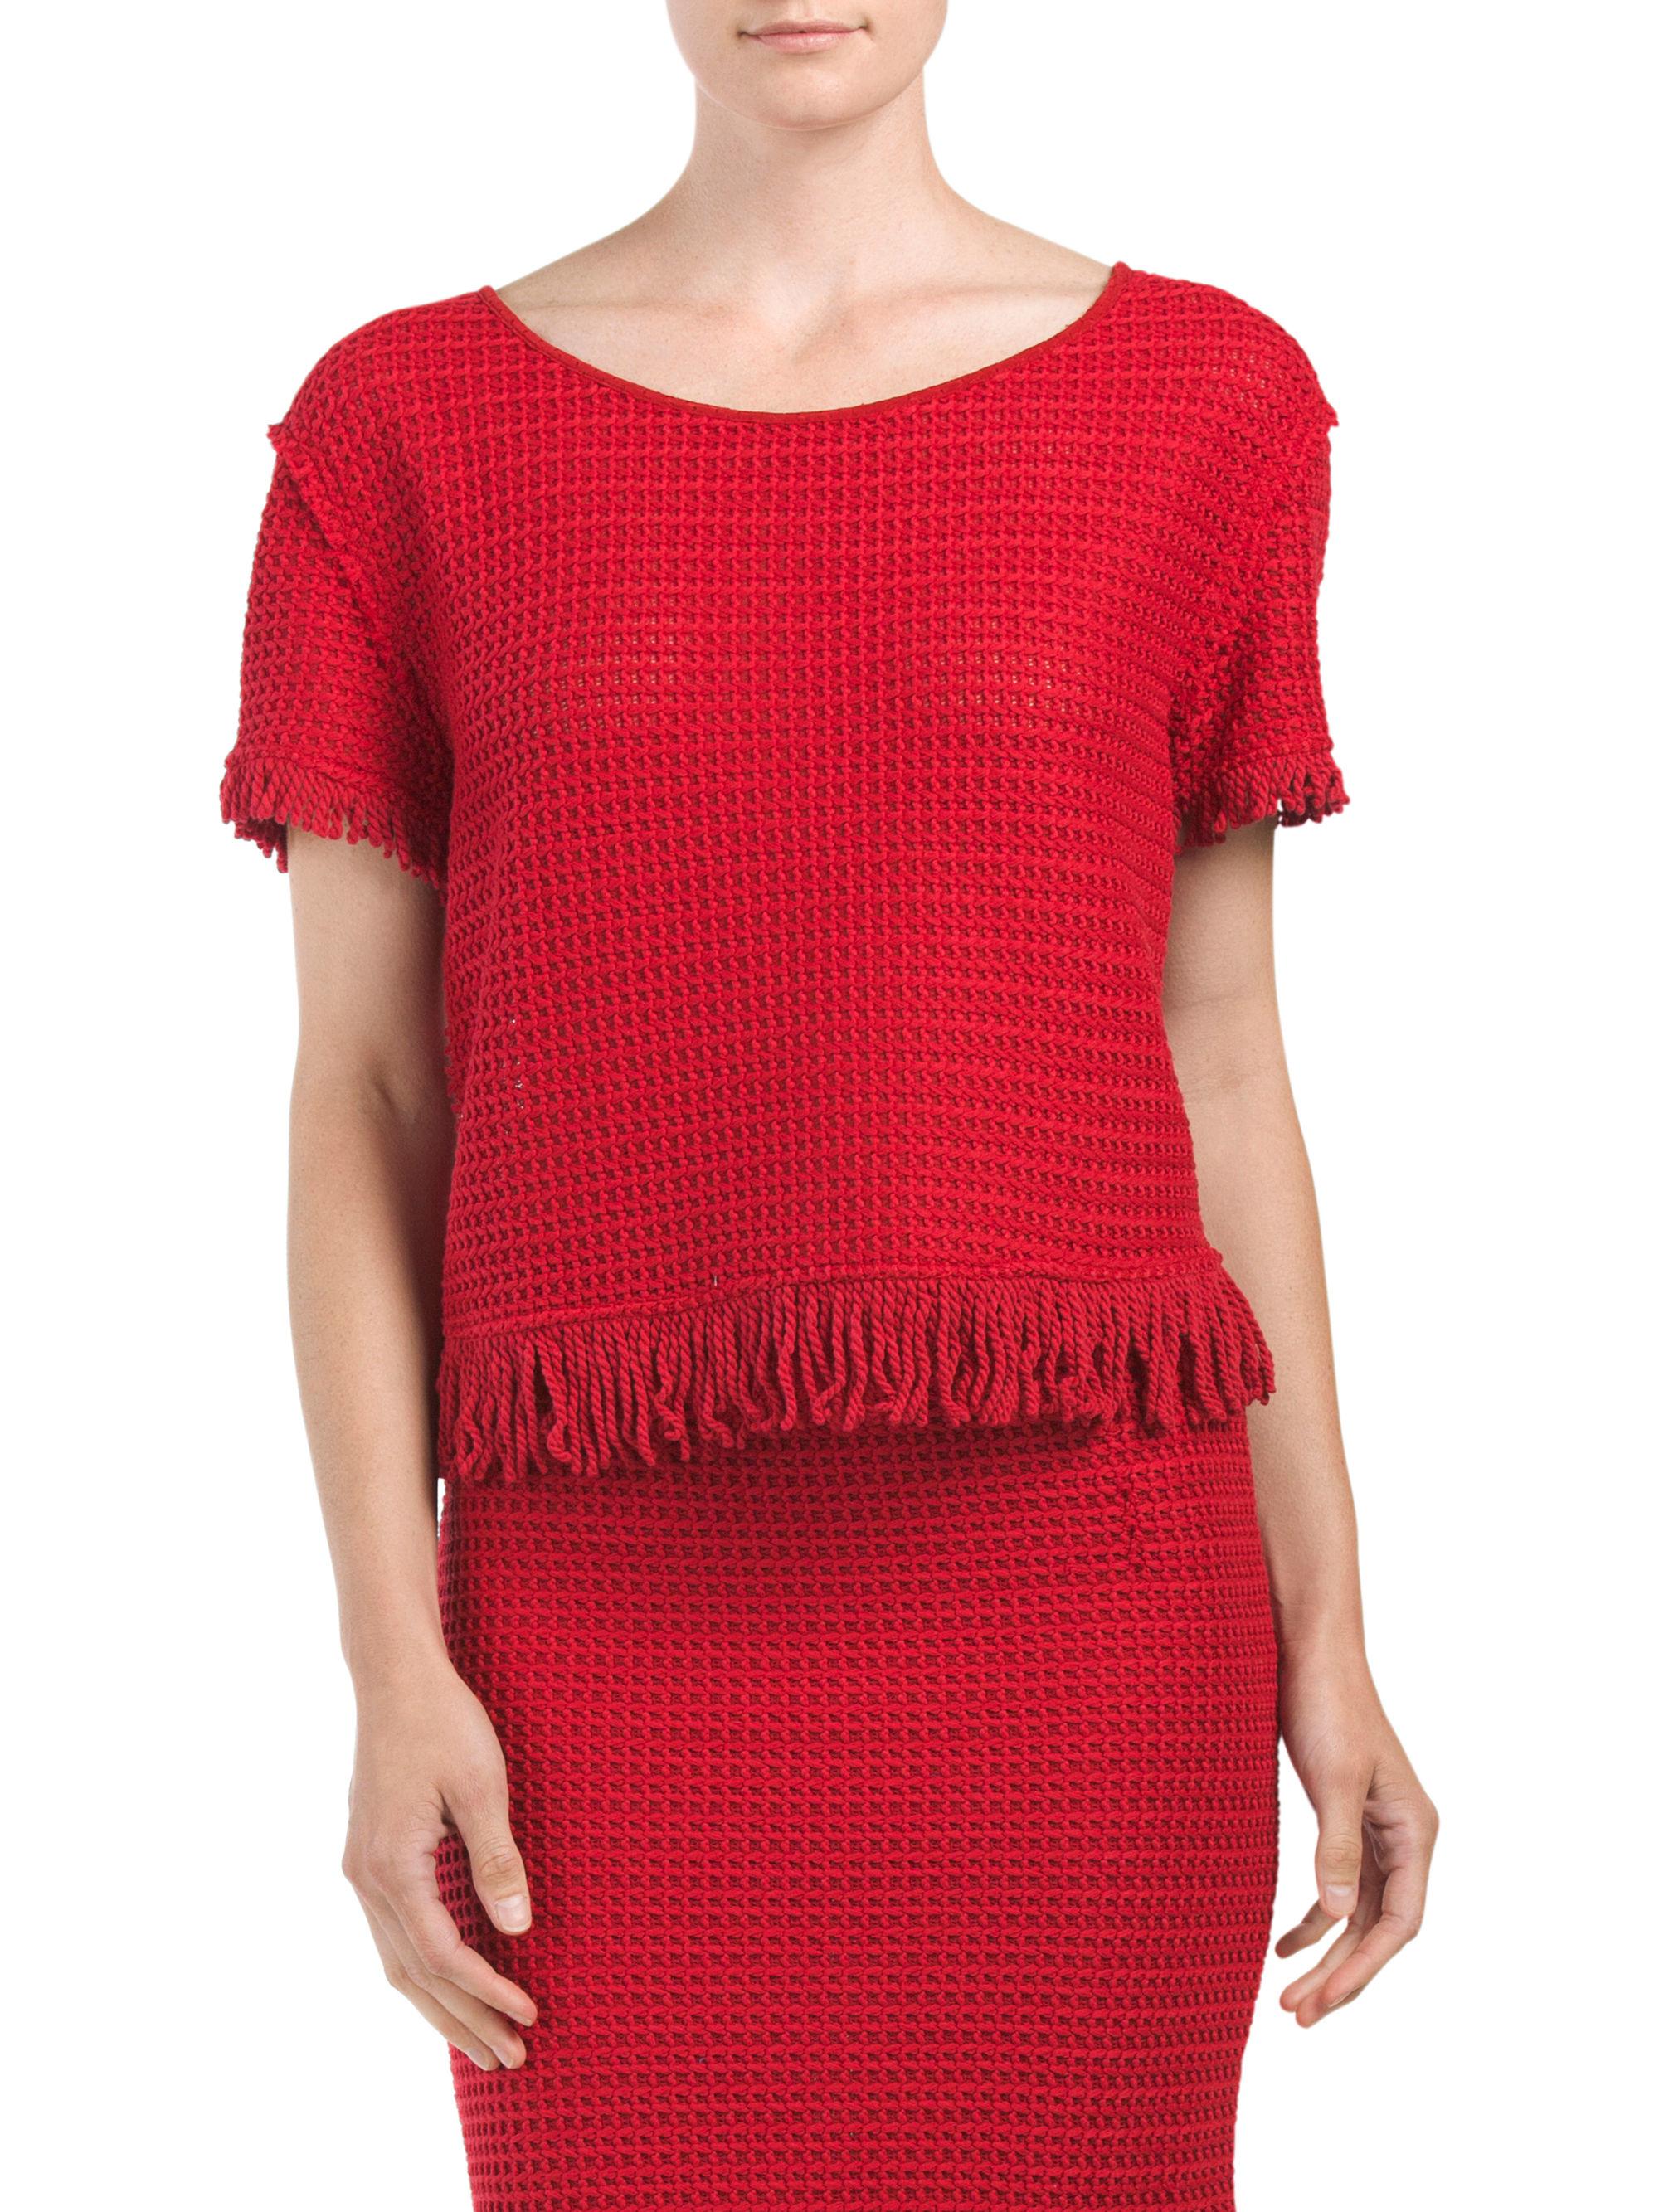 Tj maxx fringe tee in red lyst for Tj maxx t shirts